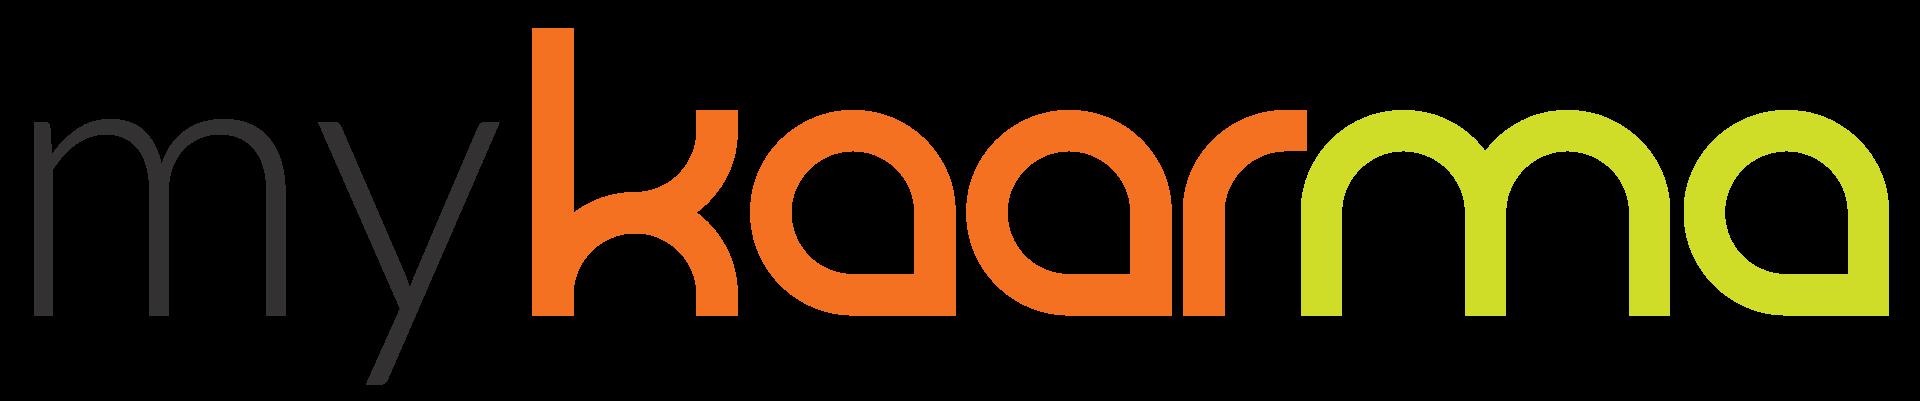 myKaarma_logo_dark